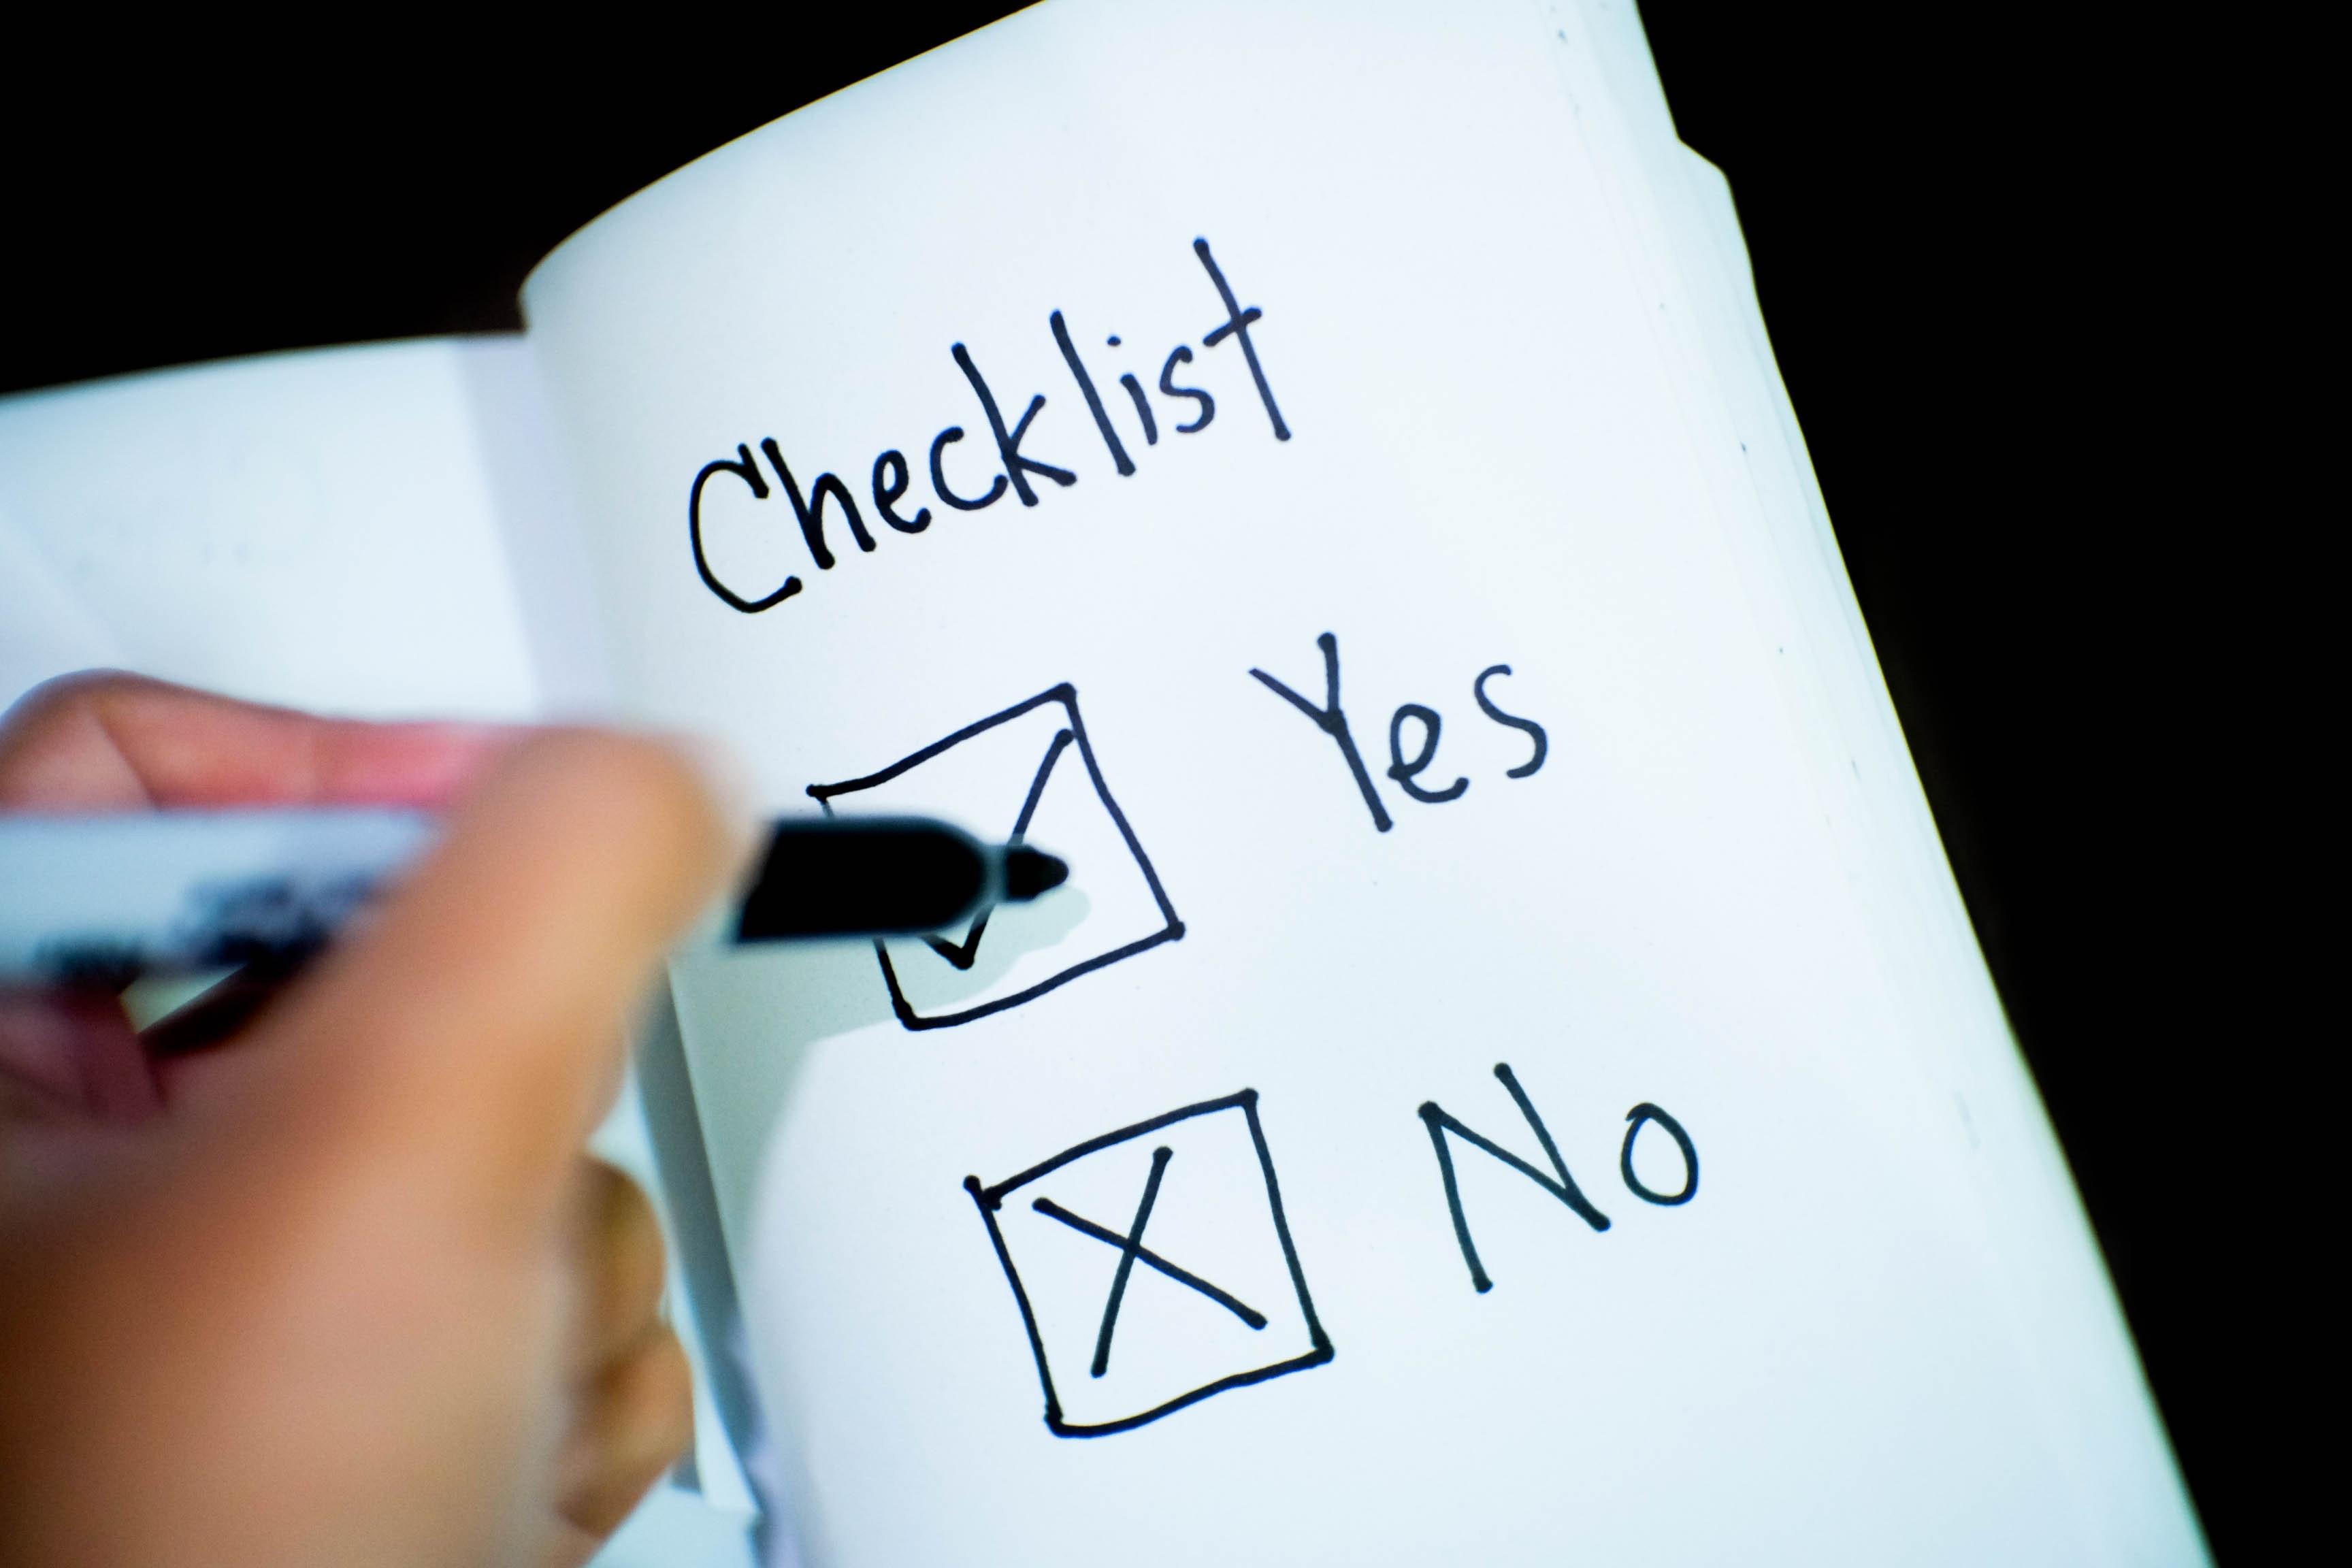 E-Mail-Liste aufbauen mit diesen 15 Tipps banking checklist commerce 416322